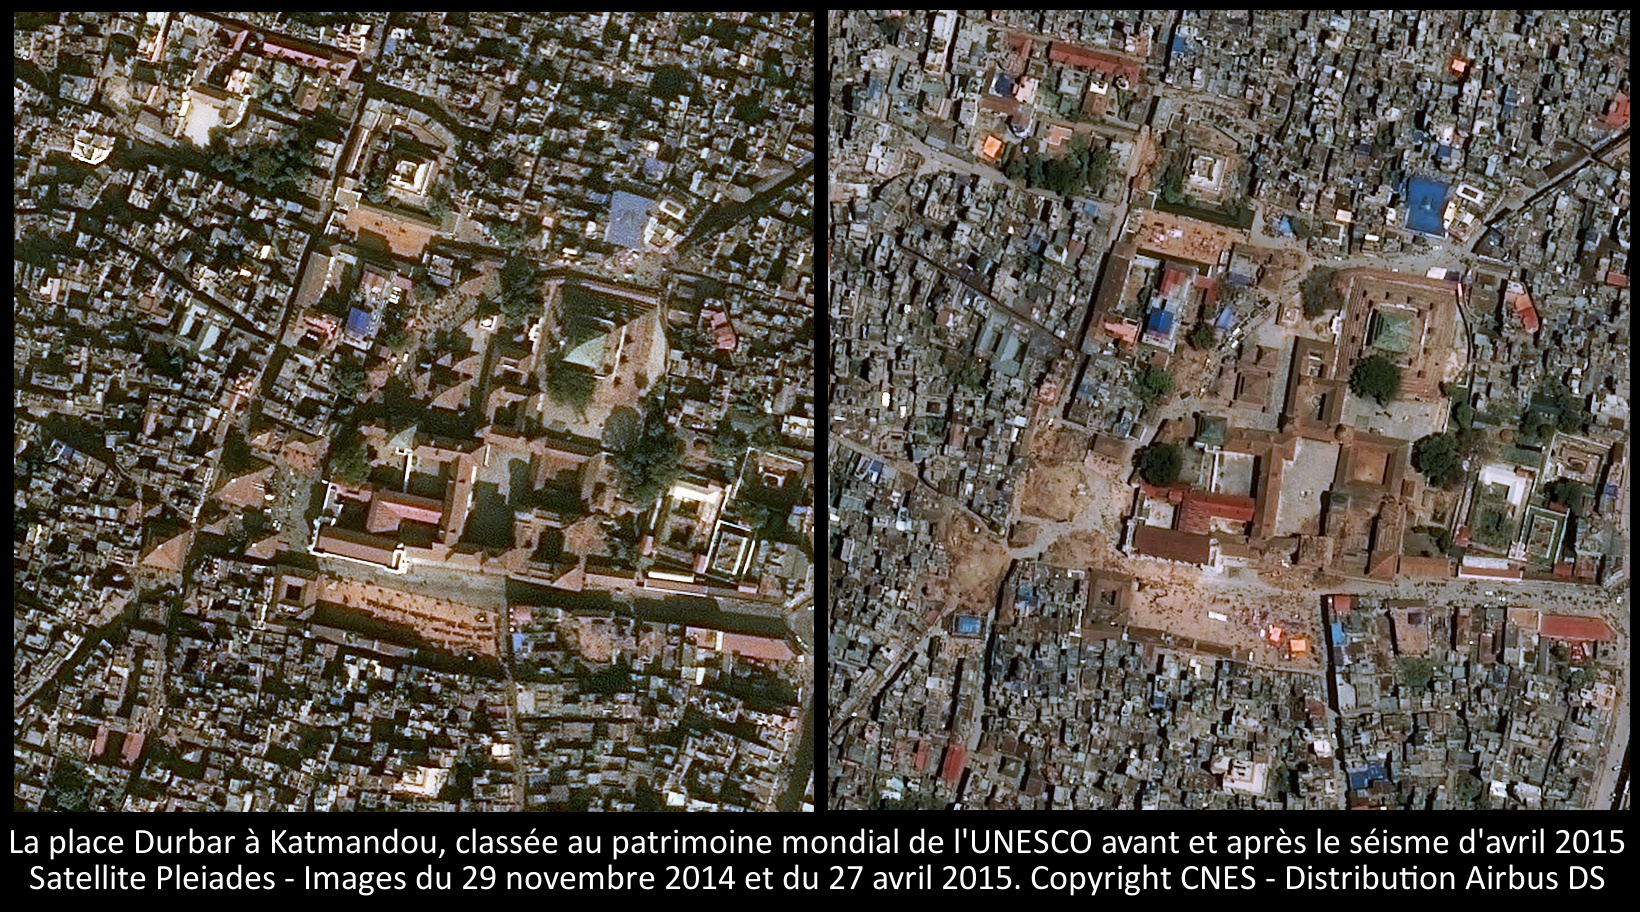 La place Durbar à Katmandou - Images du satellite Pleiades prises avant et après le séisme d'avril 2015 - CNES - Airbus DS